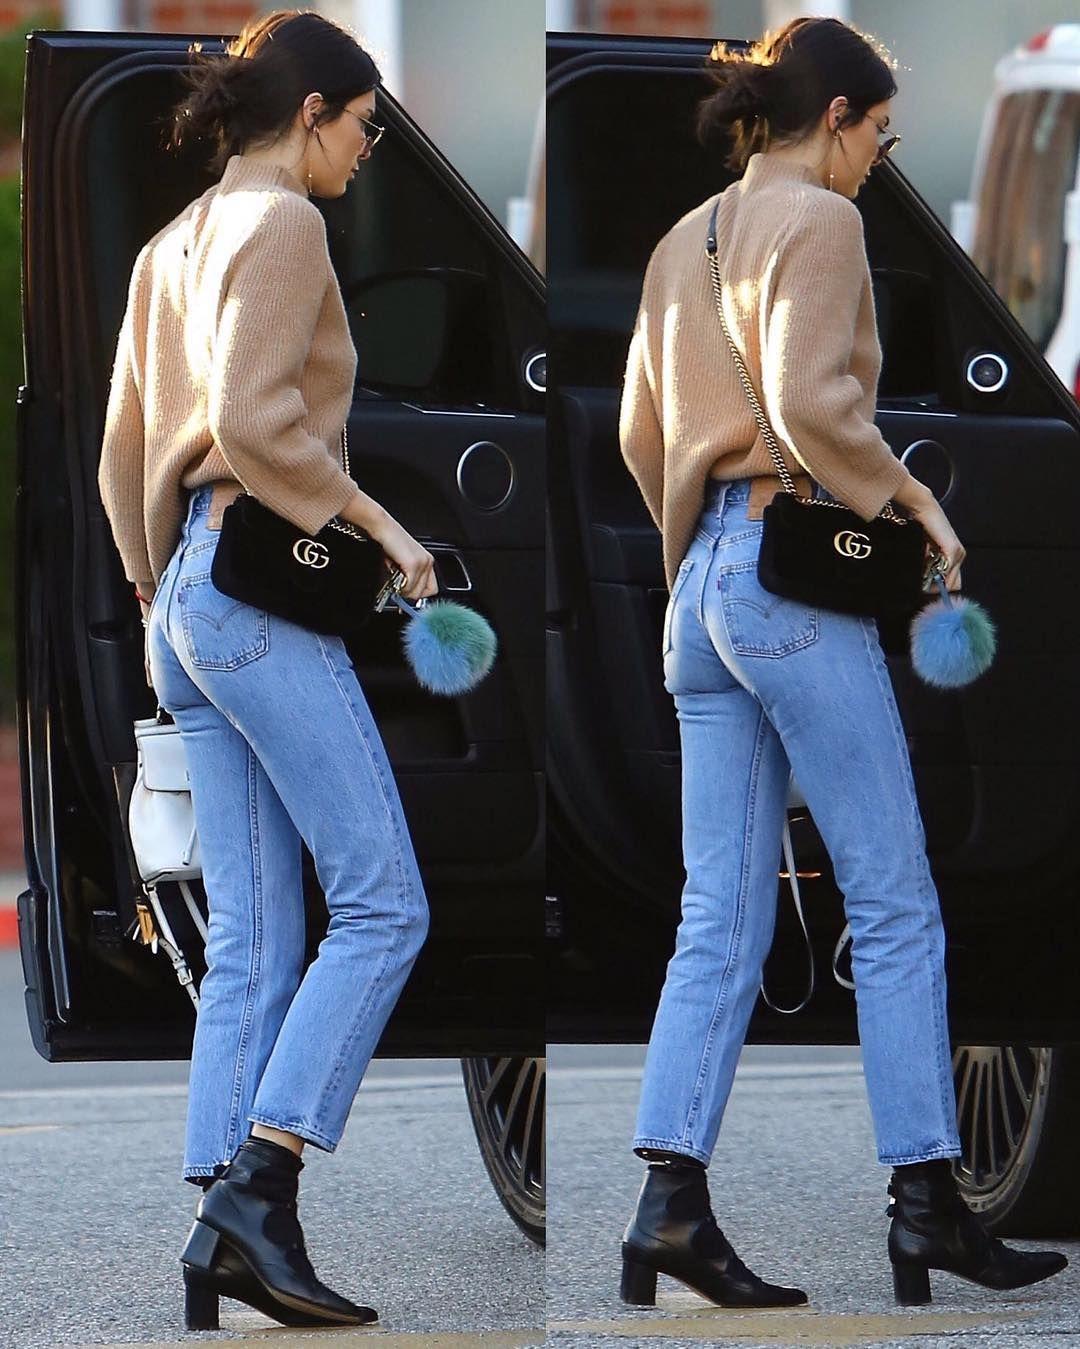 online retailer 24a4a 5d365 Kendall Jenner Closet ( kendalljennercloset) • fotos e vídeos do Instagram